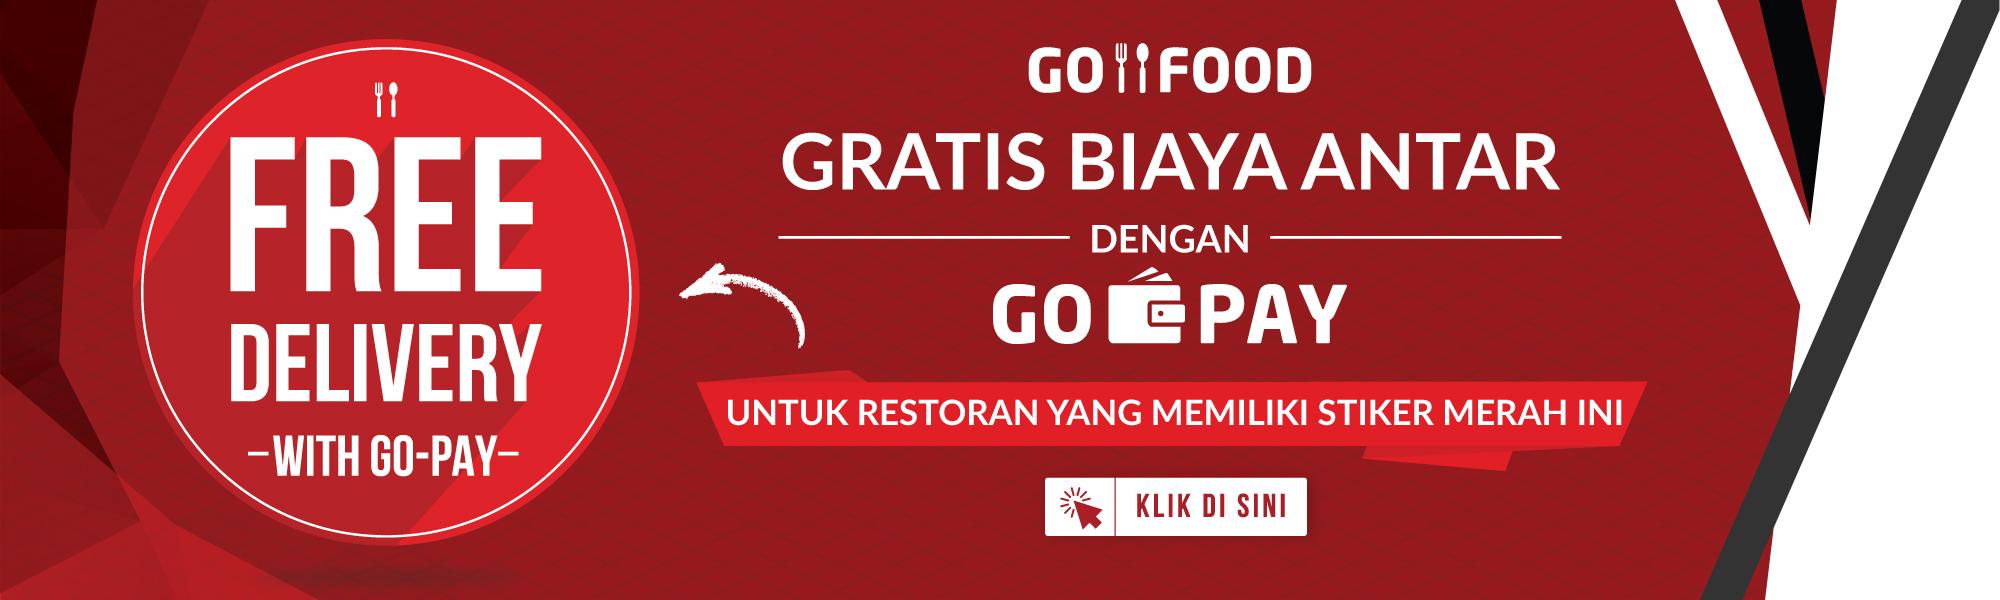 Gratis biaya pengantaran dengan GO-PAY di GO-FOOD | GO-FOOD